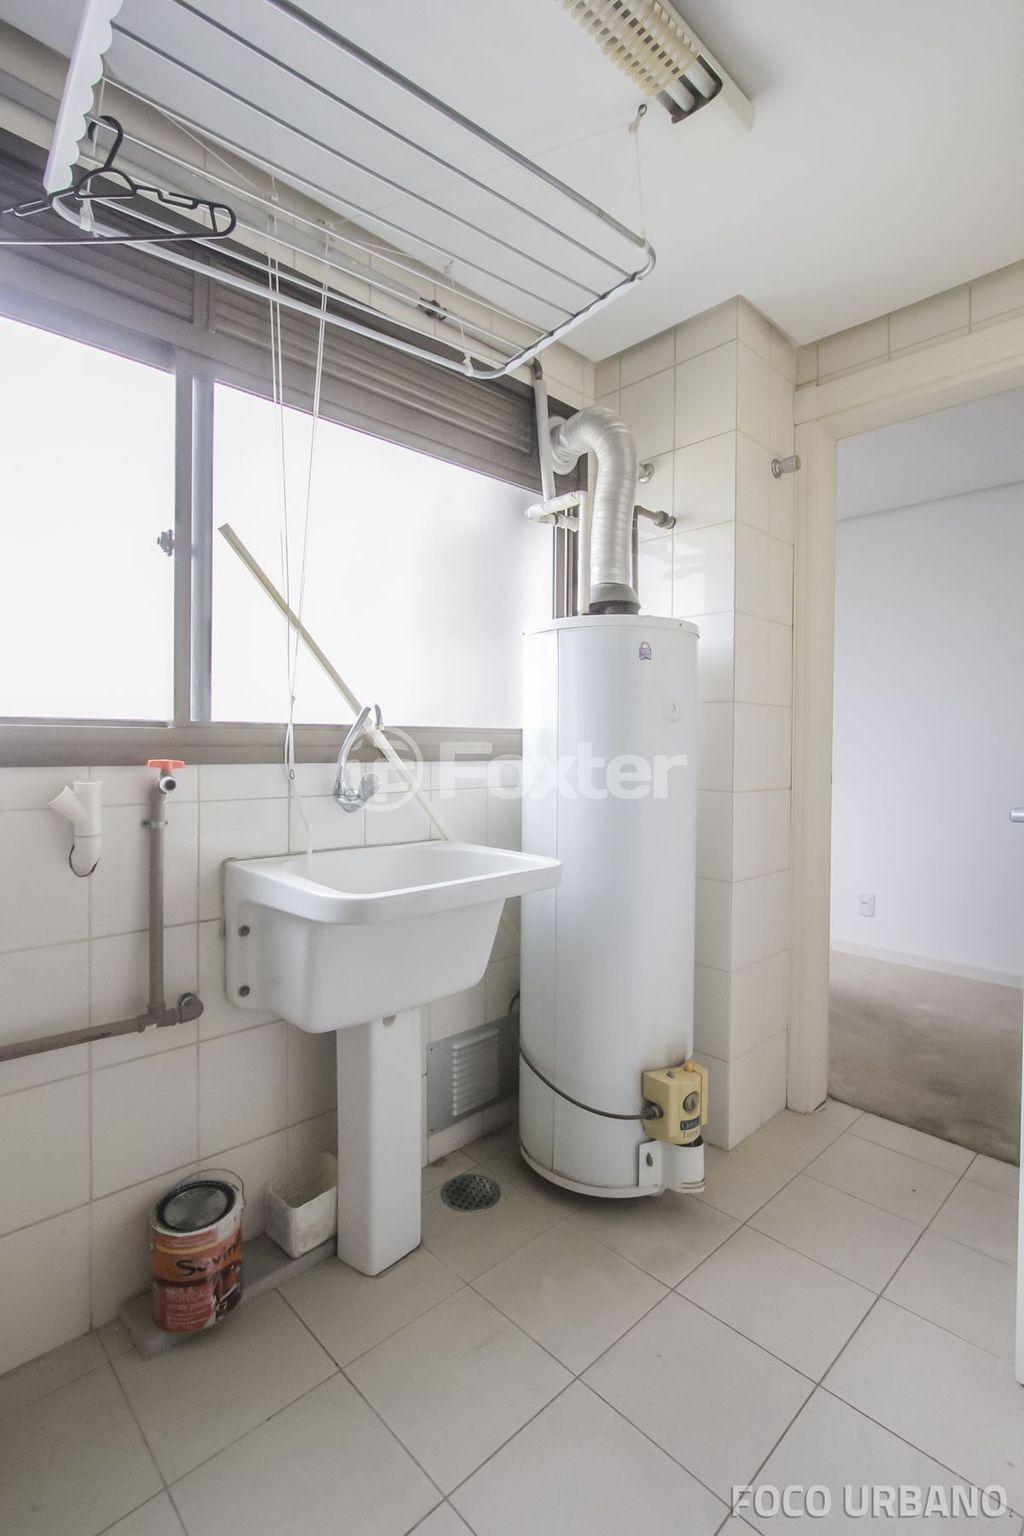 Foxter Imobiliária - Cobertura 3 Dorm (137146) - Foto 28